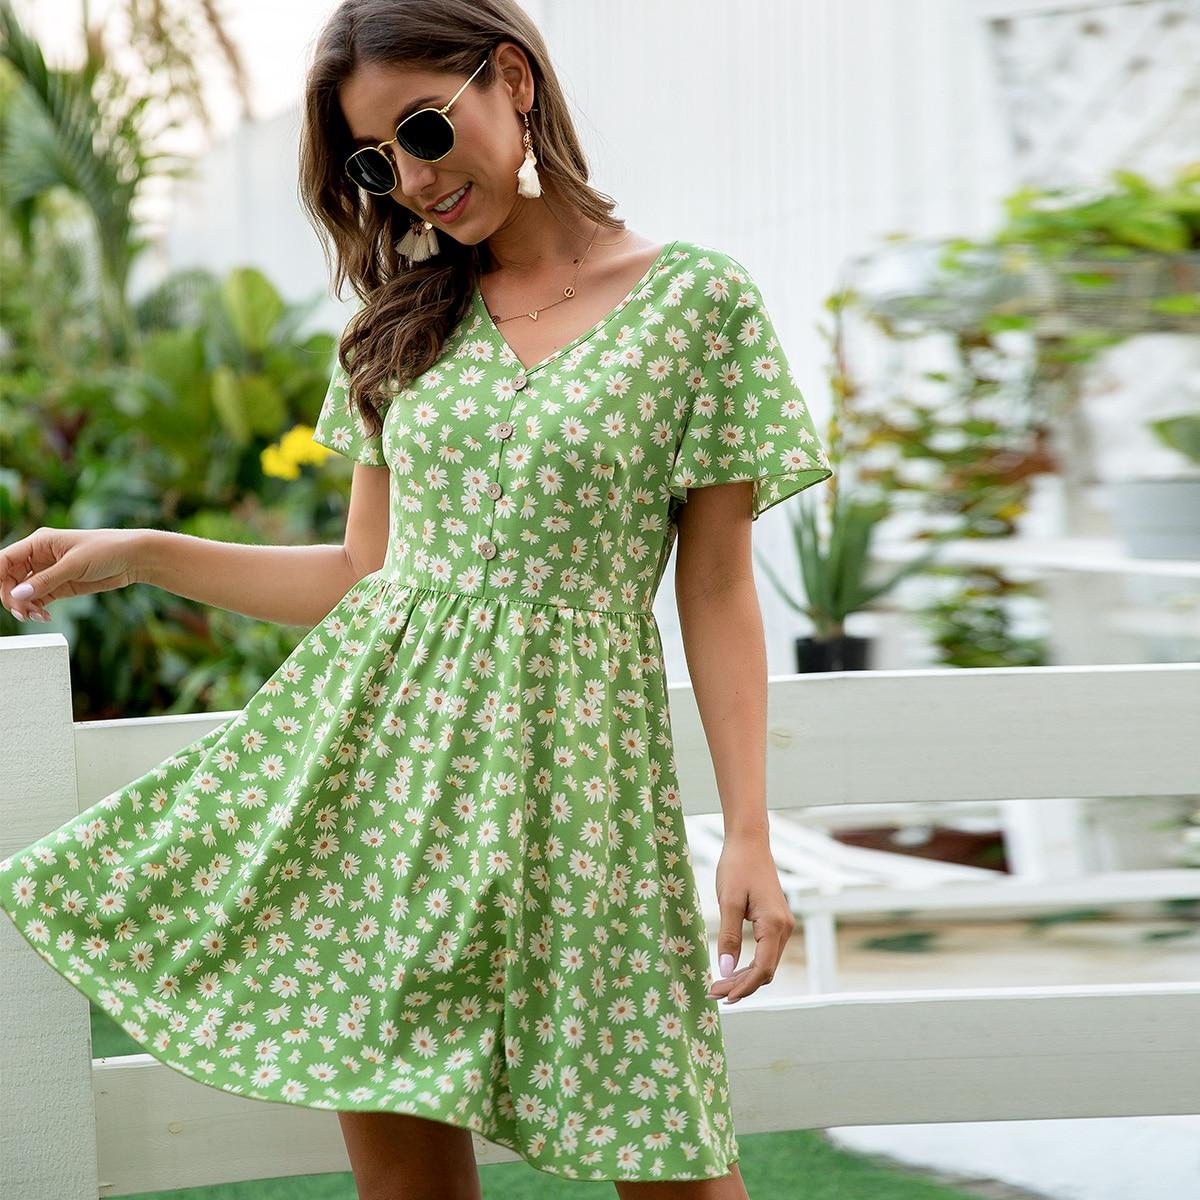 Цветочное платье с пуговицами фото